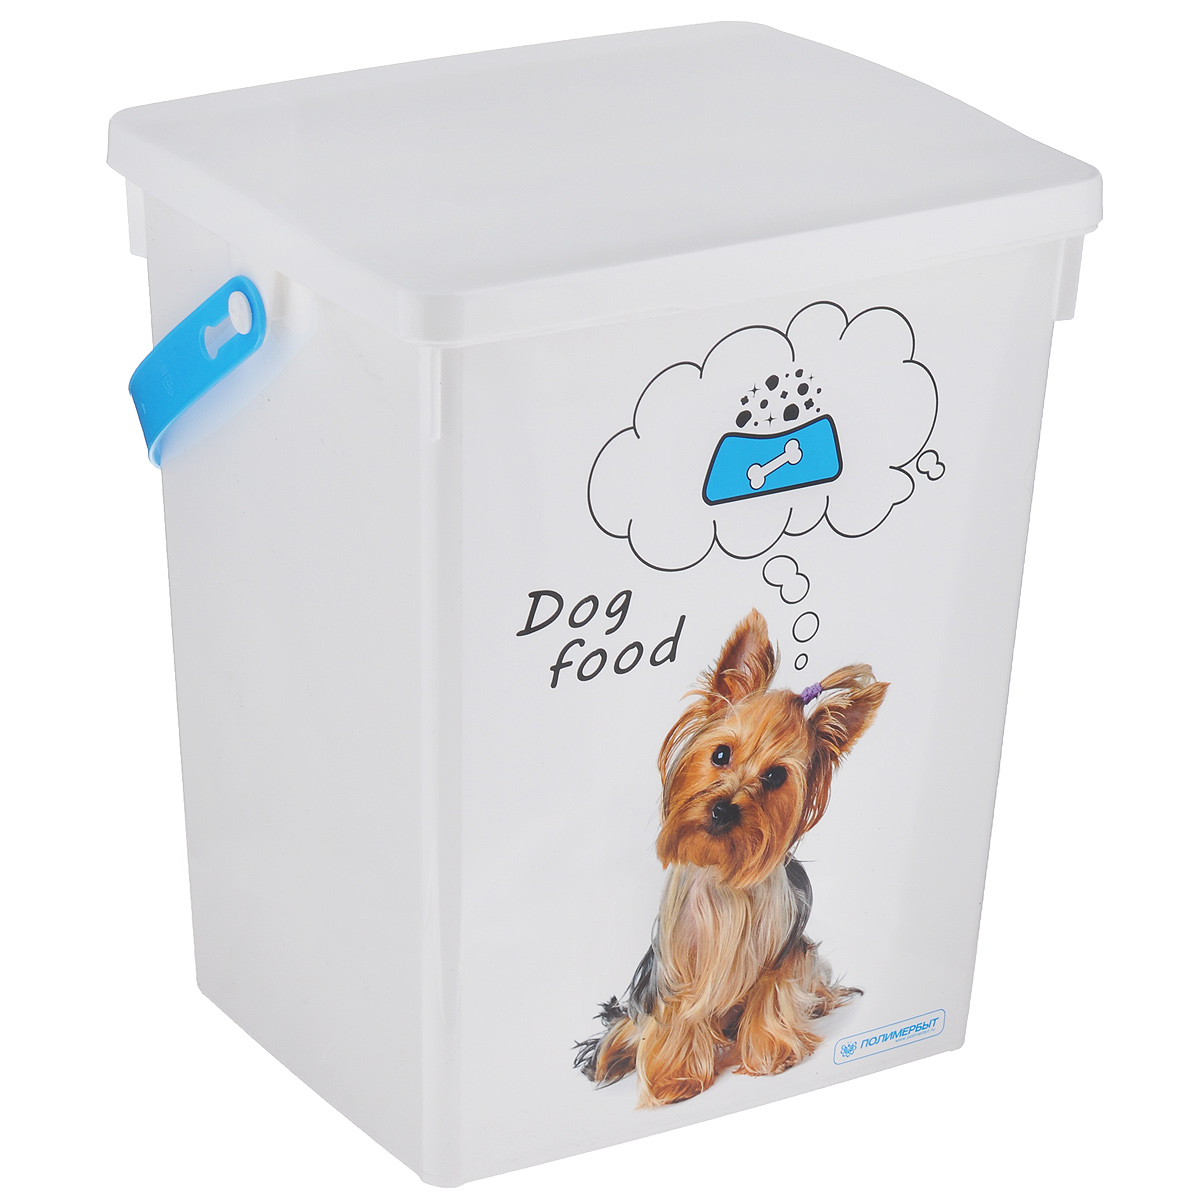 Контейнер для хранения корма Полимербыт Dog Food, цвет: белый, голубой, 5 л131260-000_зеленыйКонтейнер Полимербыт, изготовленный из высококачественного пластика, предназначен для хранения корма для животных. Контейнер оснащен ручкой, благодаря которой можно без проблем переносить его с места на место.В таком контейнере корм останется всегда свежим.